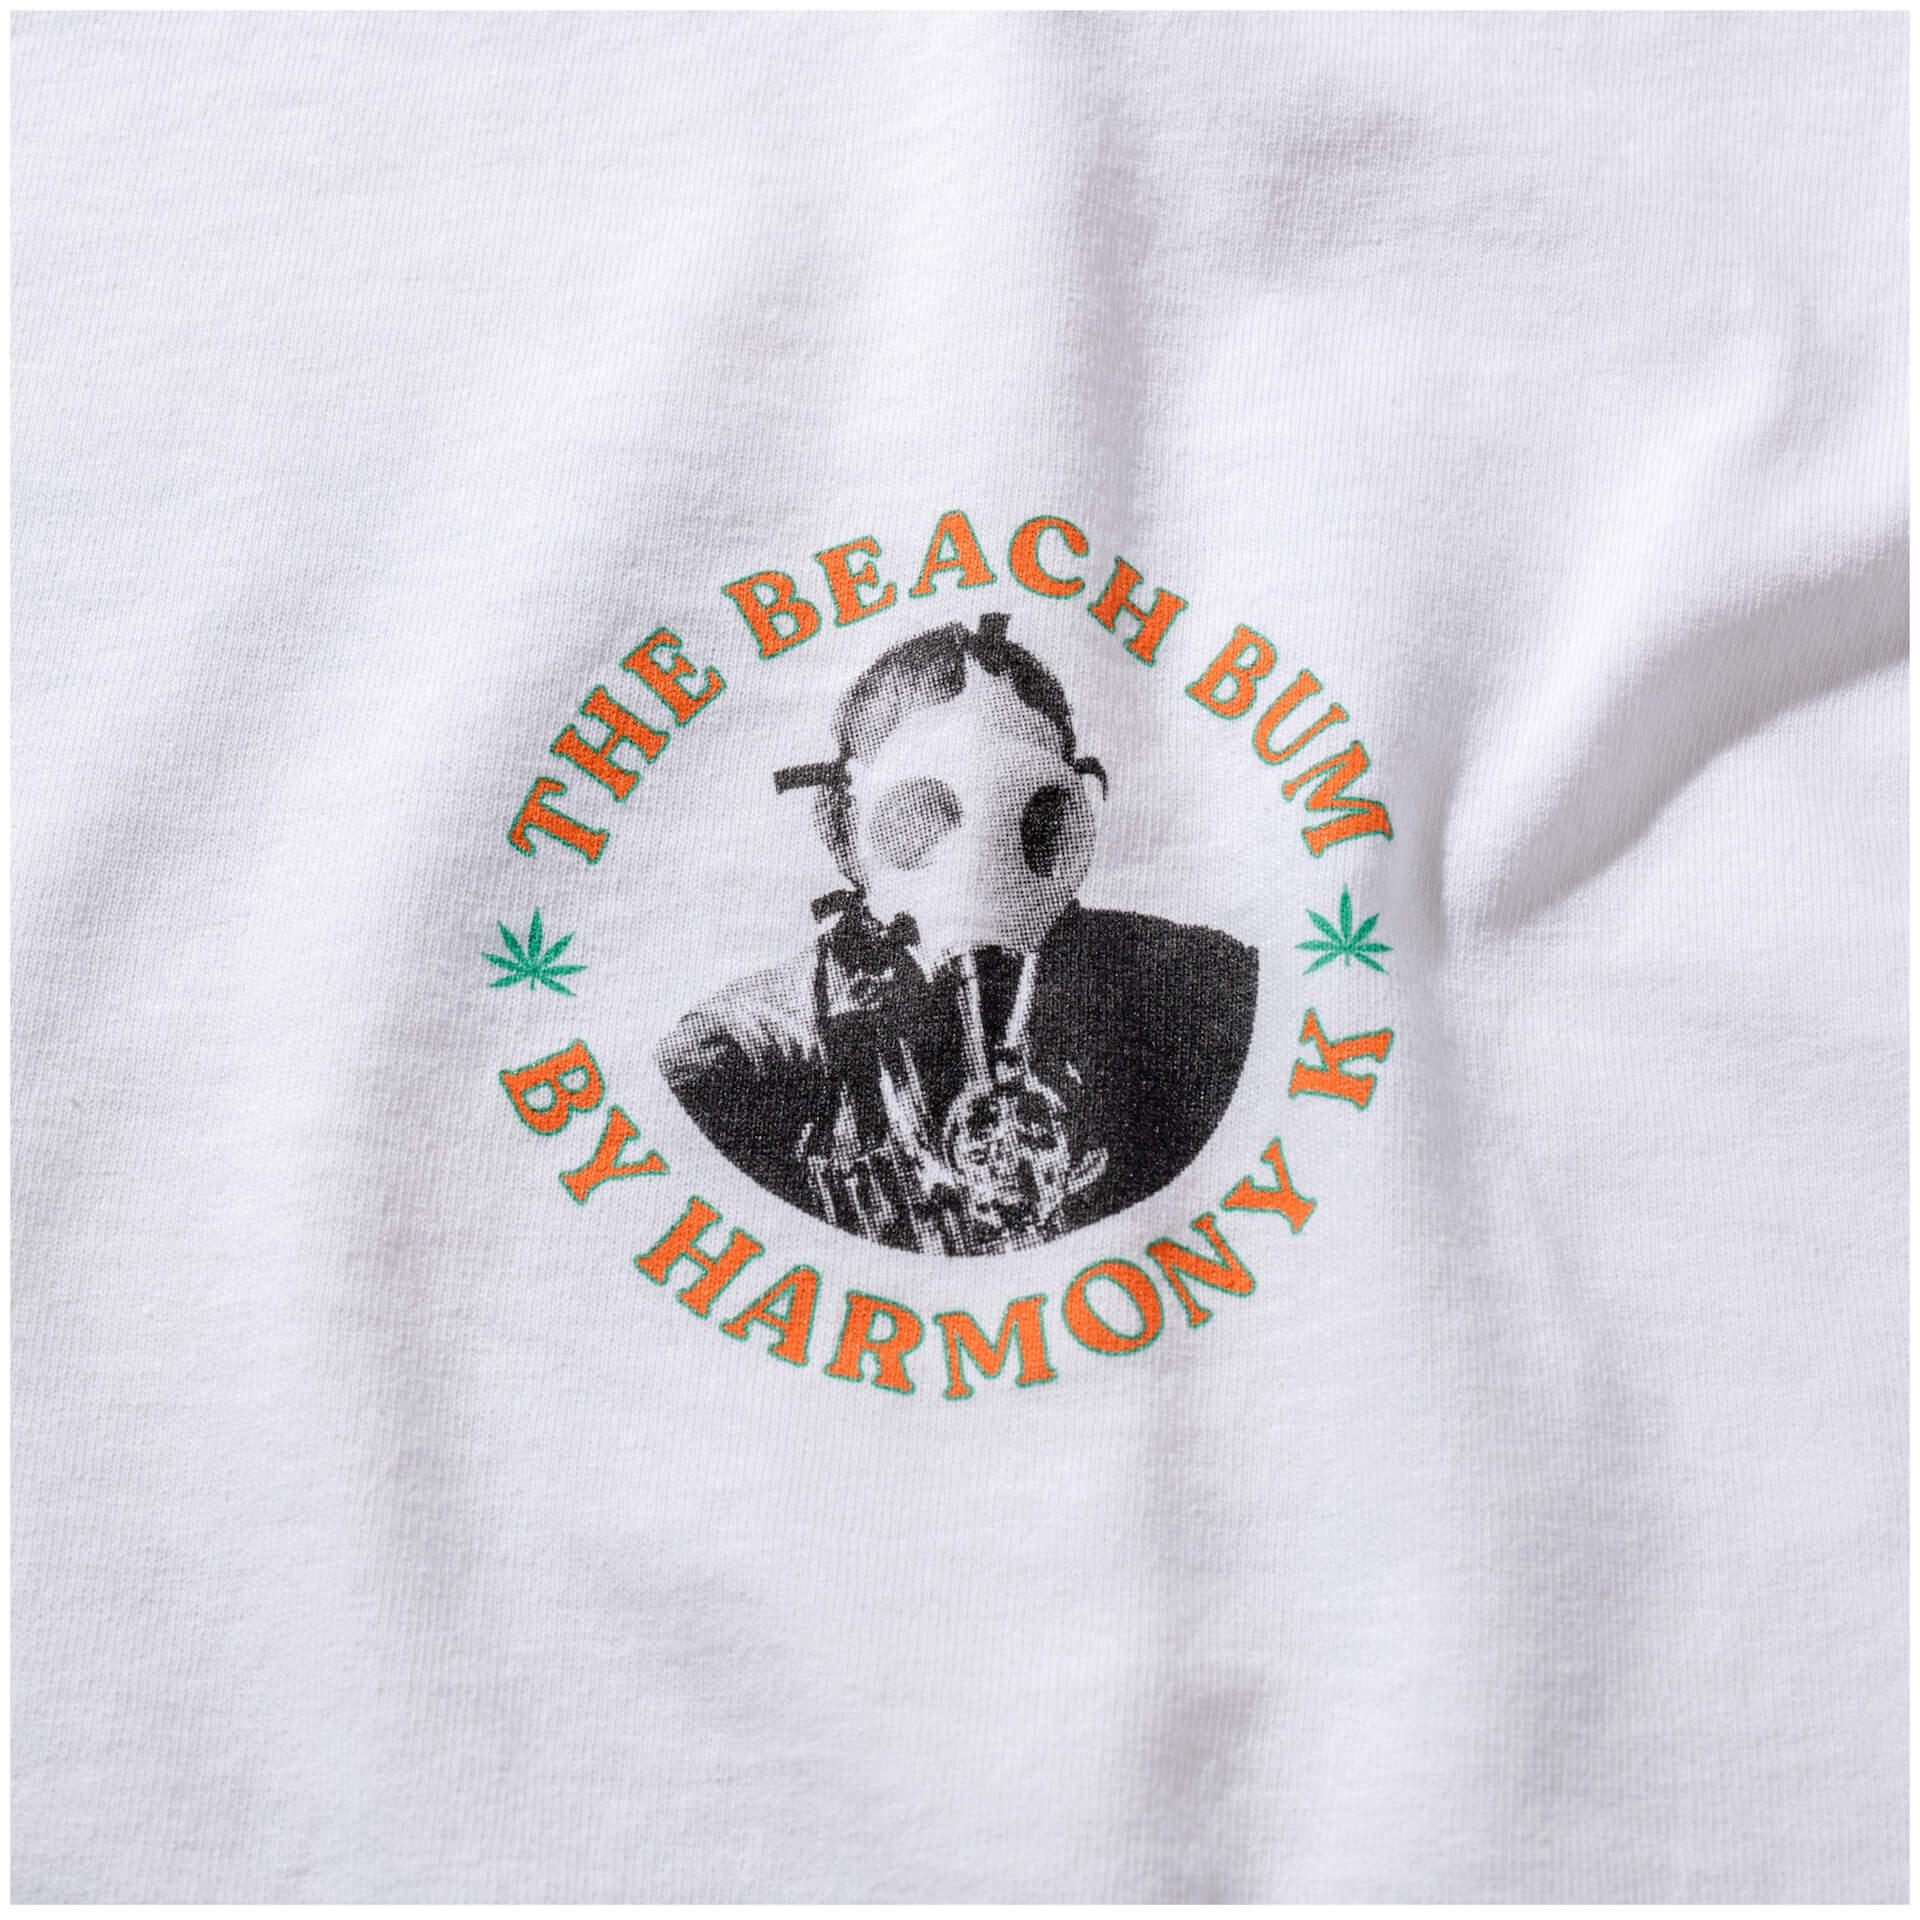 カルチャー紙POPEYEも熱狂!映画『ビーチ・バム まじめに不真面目』オリジナルTシャツが制作&発売決定 film210416_beachbum_tshirt_8